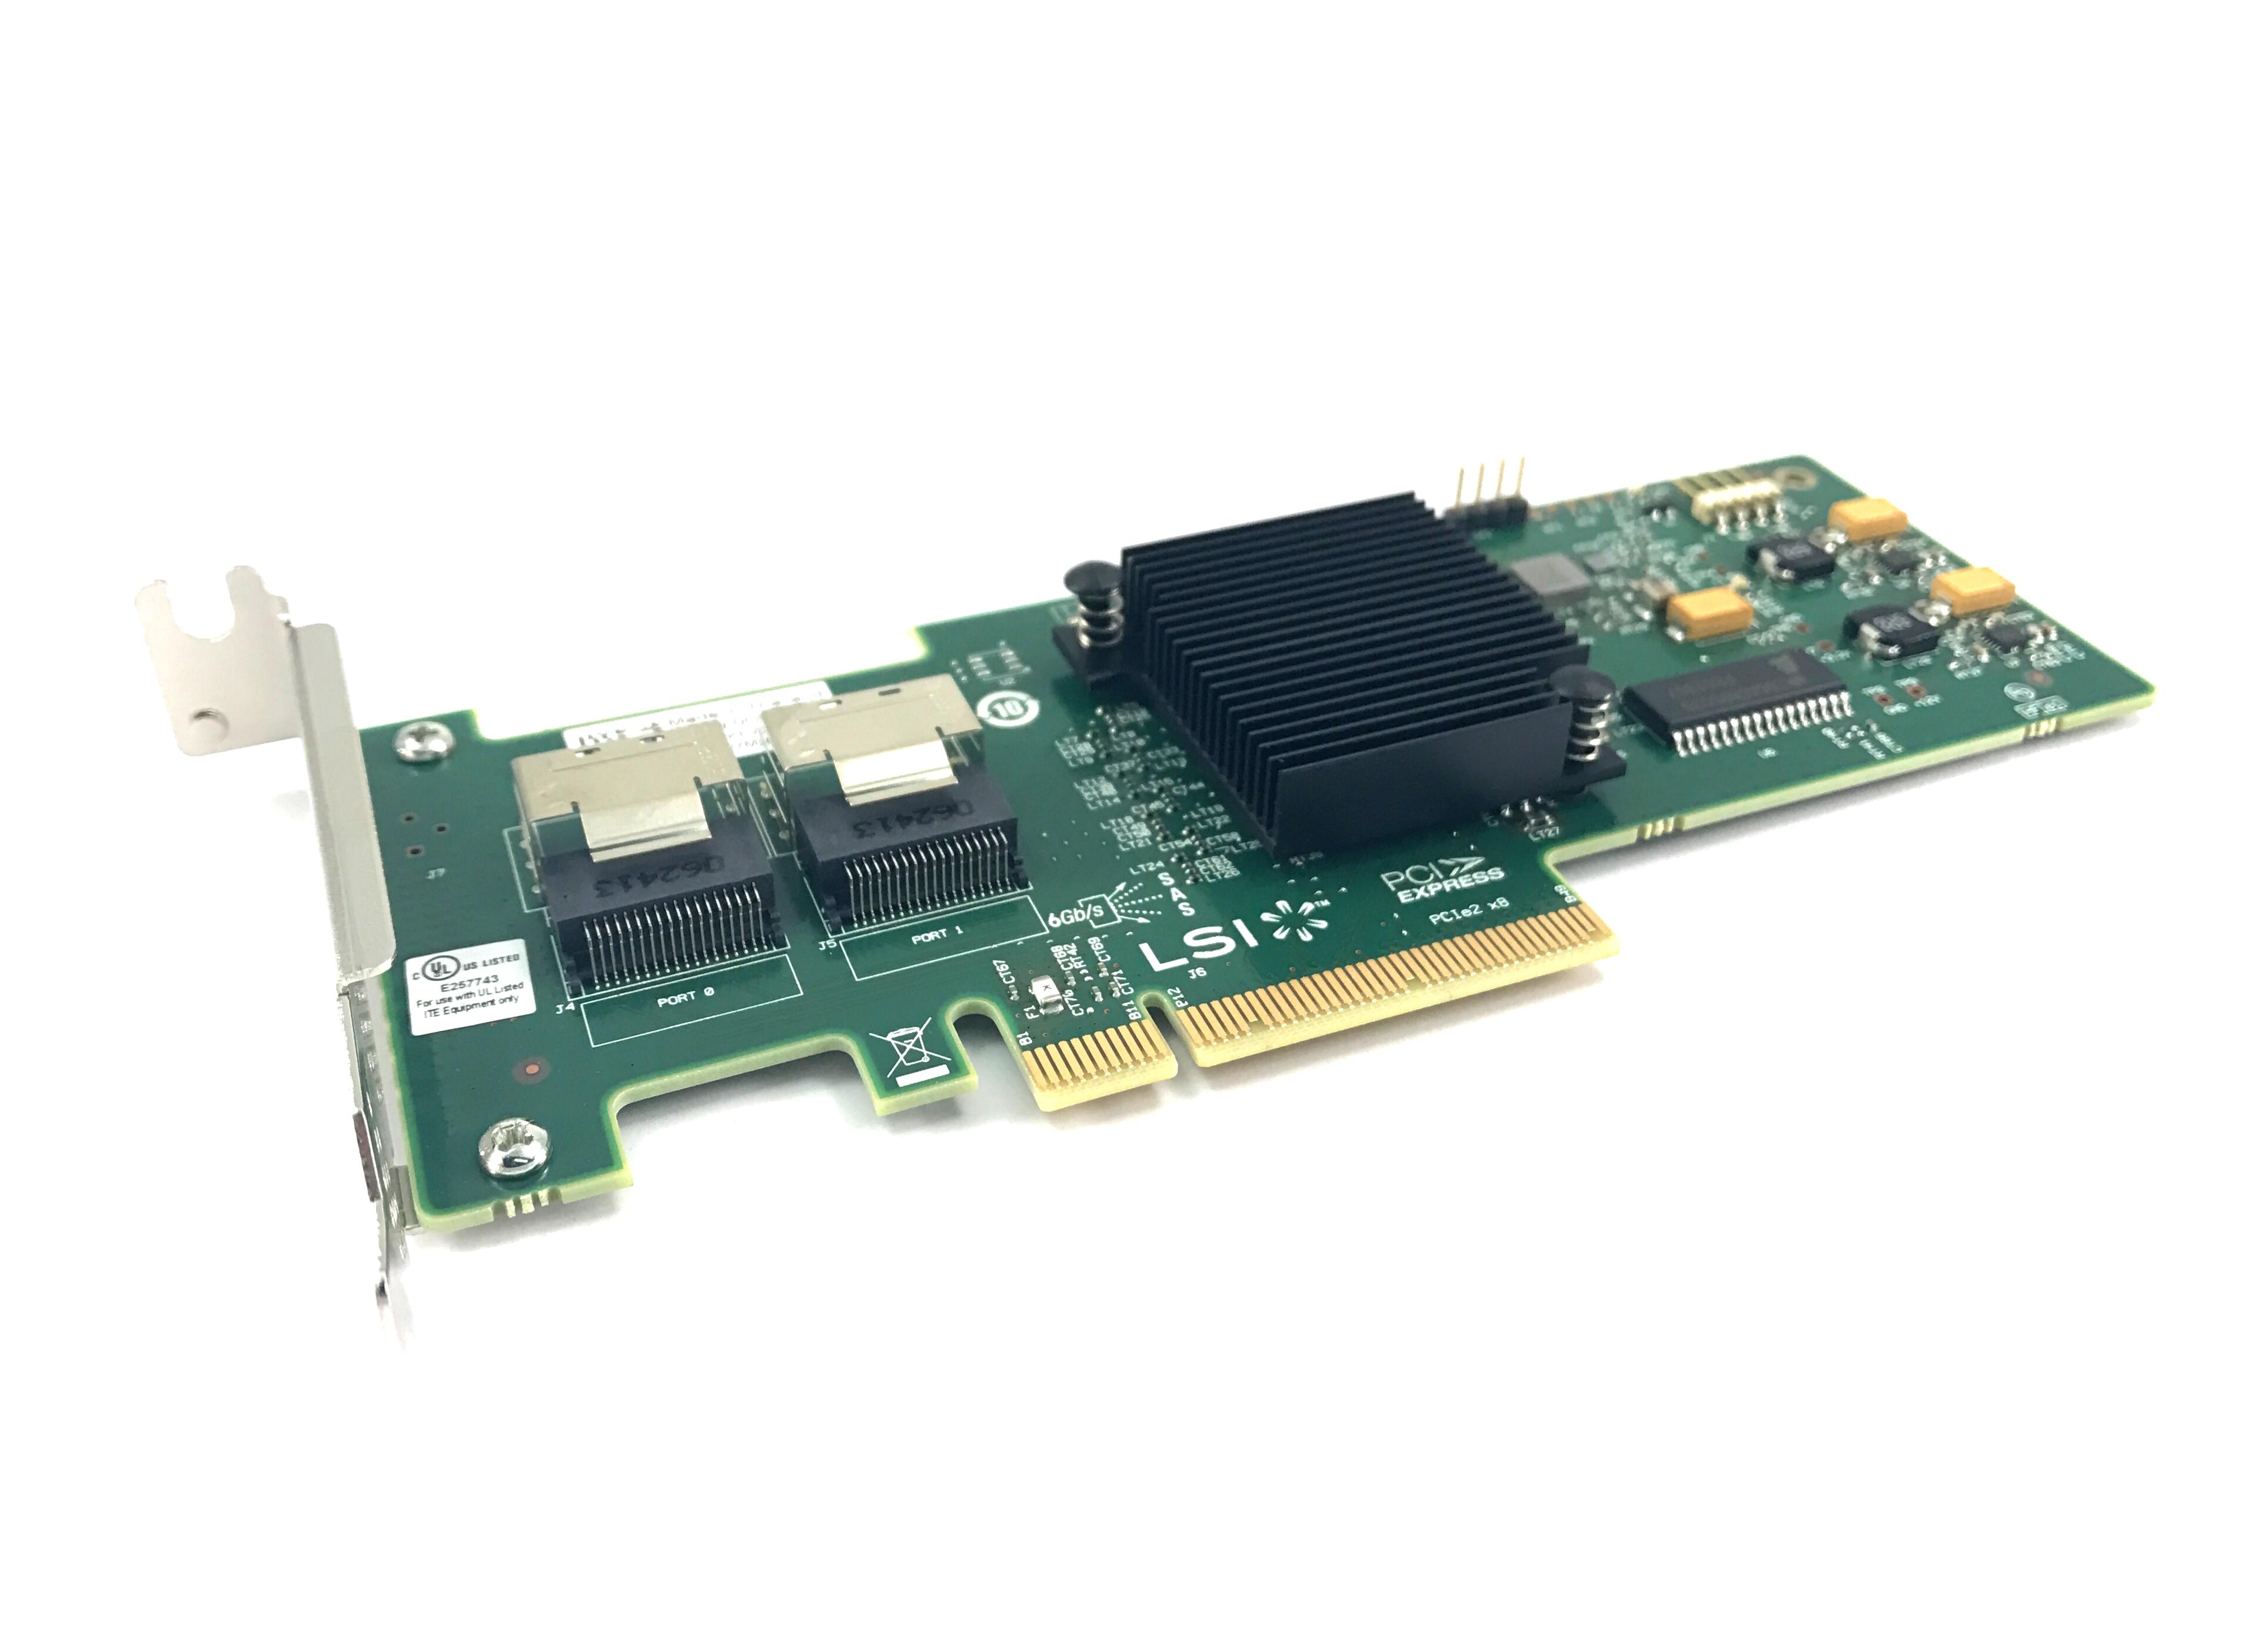 DELL LSI 9210-8I 8-PORT 6GB/S PCI-E SAS SATA RAID CONTROLLER (GKPW4)